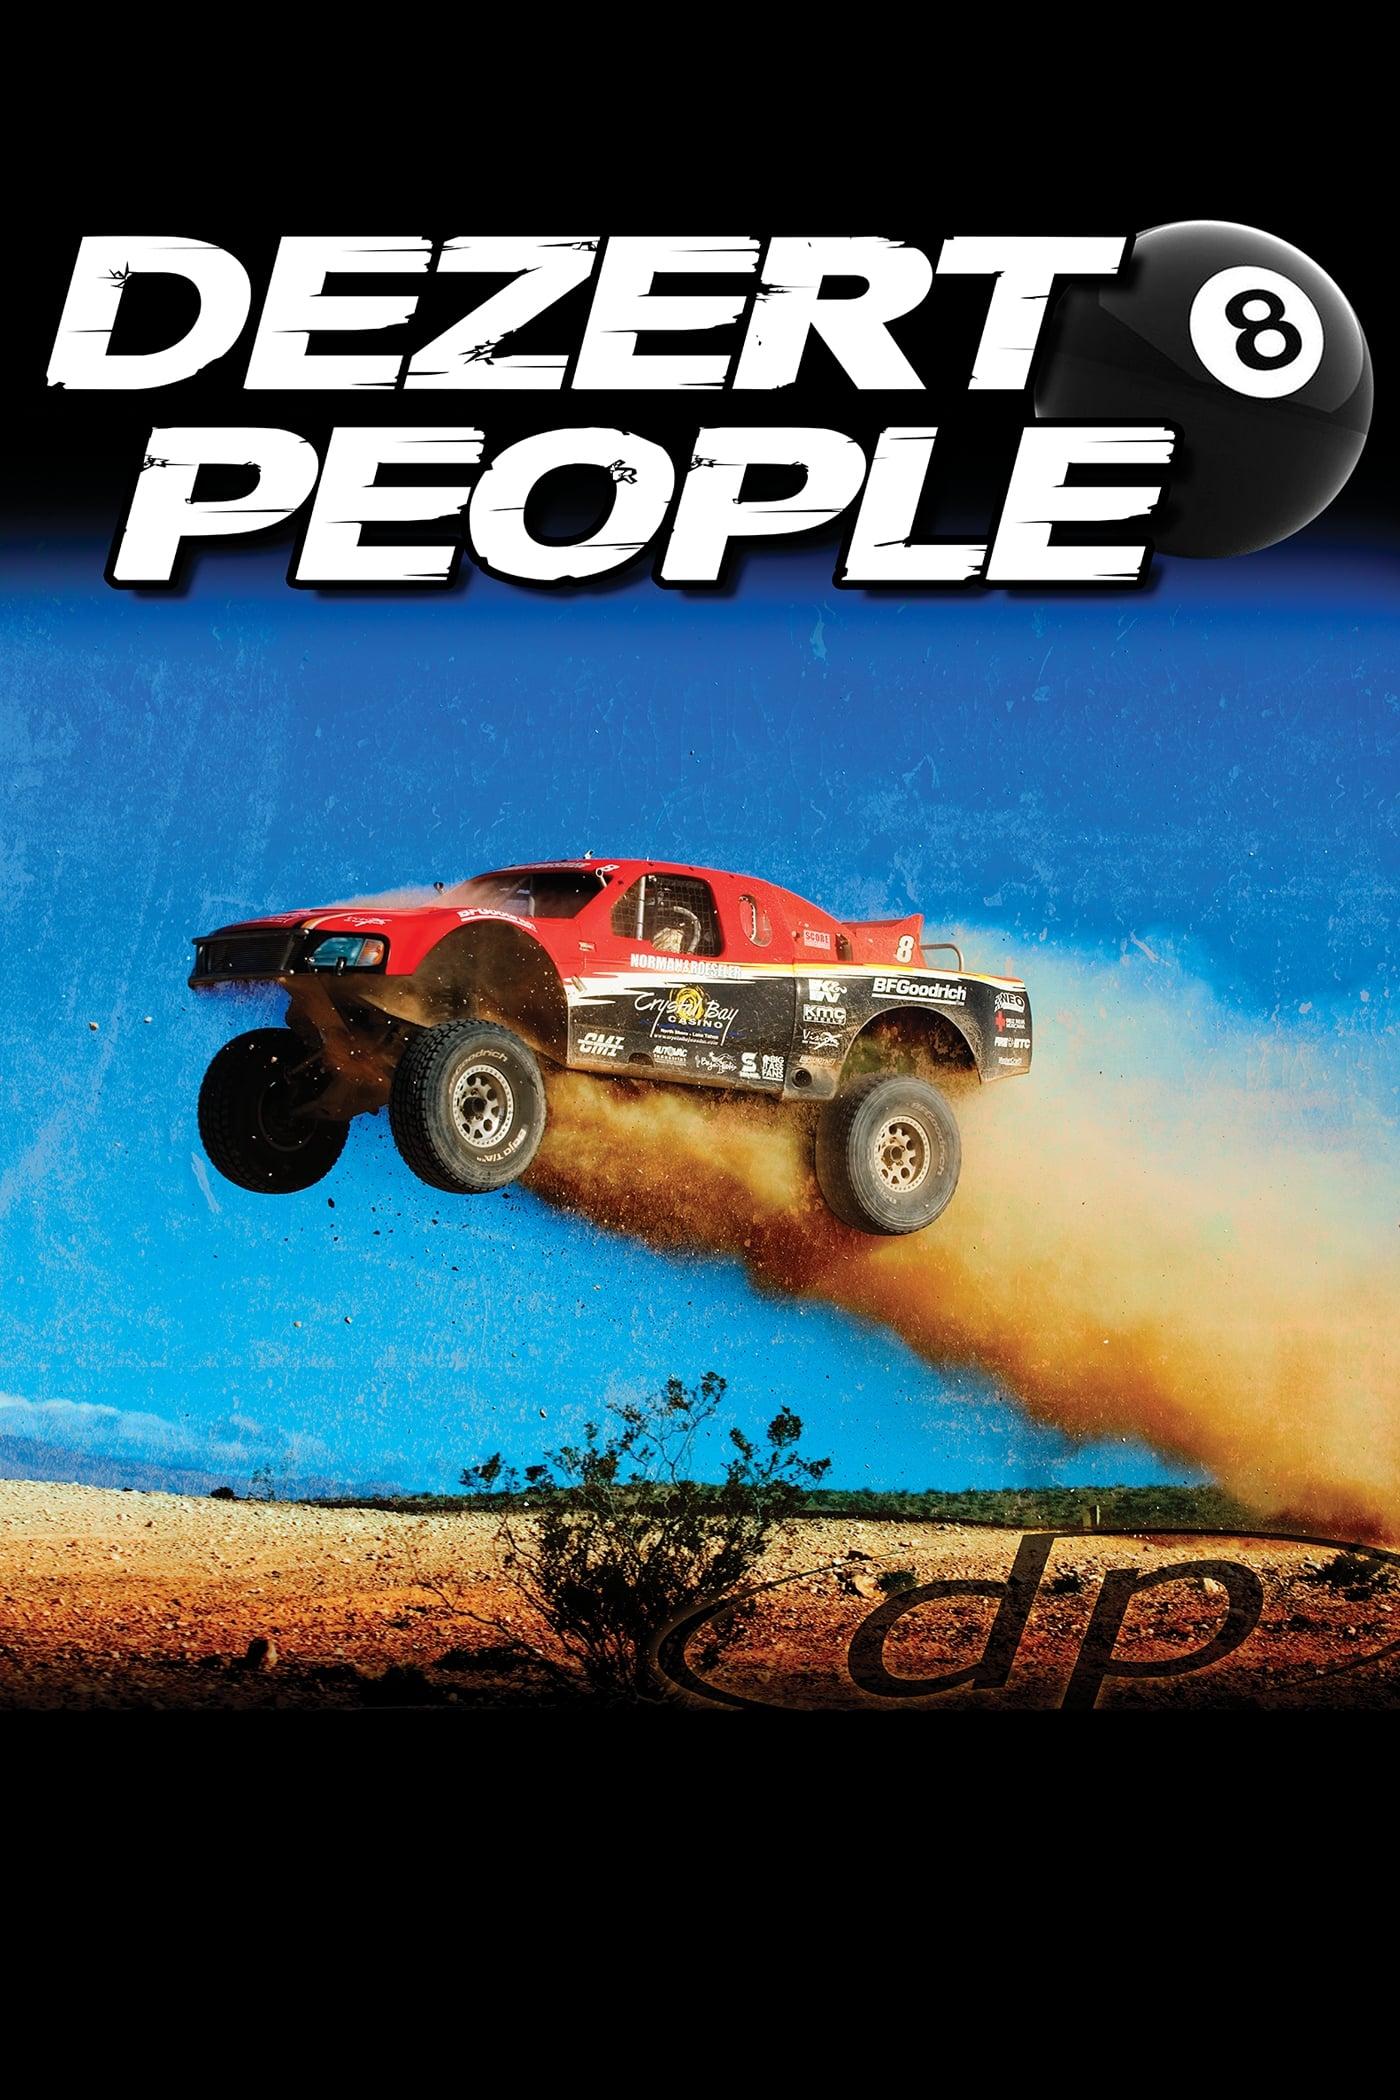 Dezert People 8